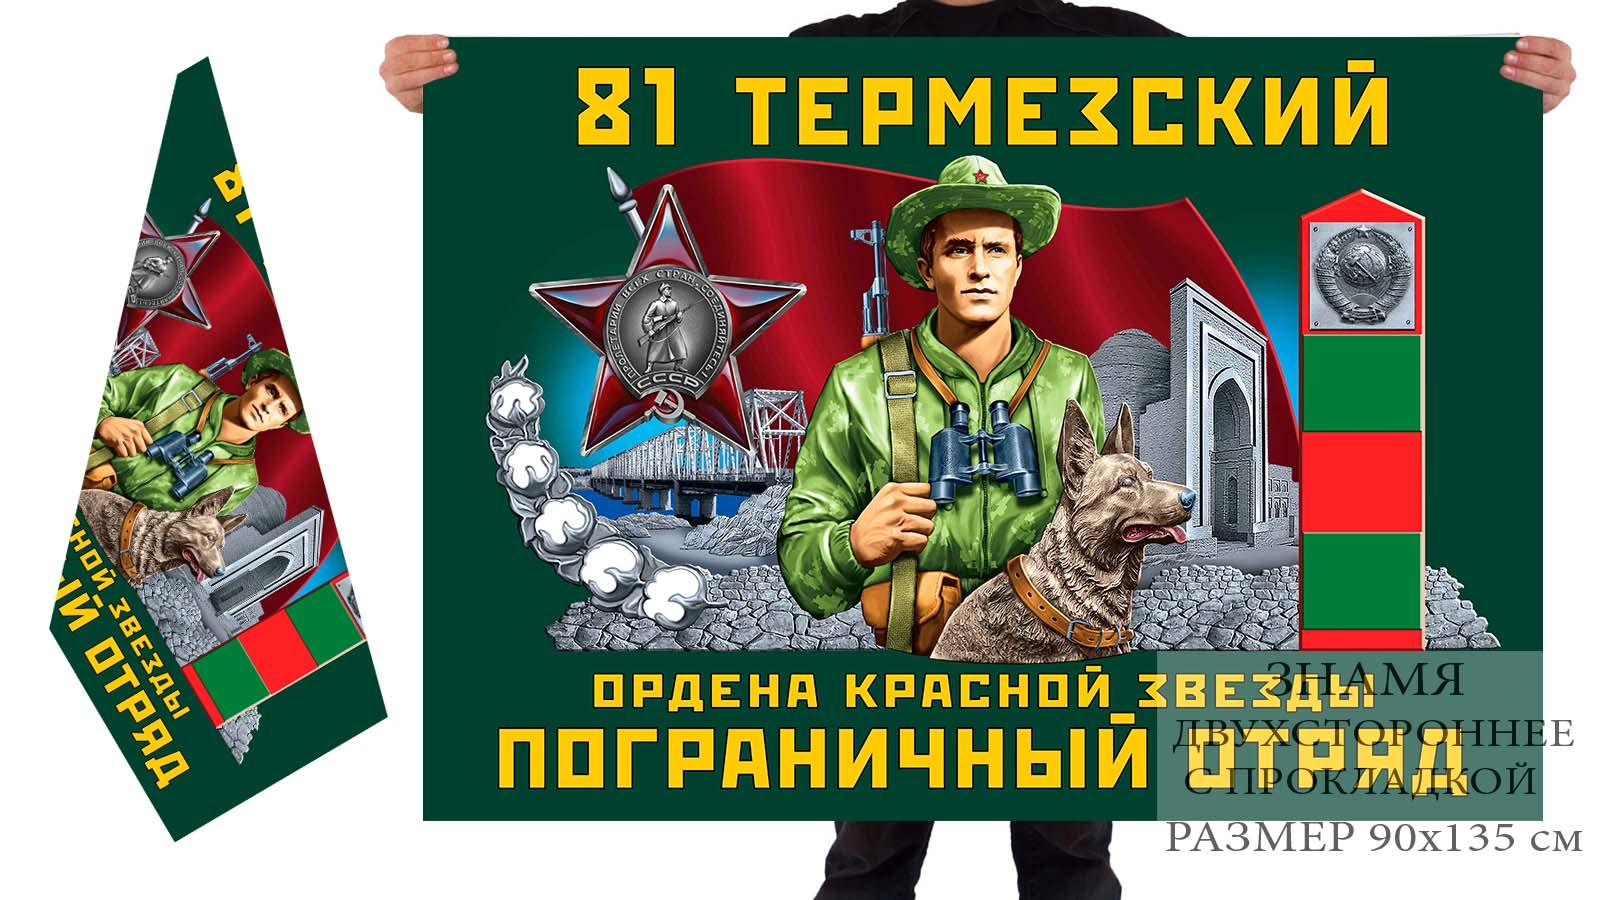 Двусторонний флаг 81 Термезского пограничного отряда